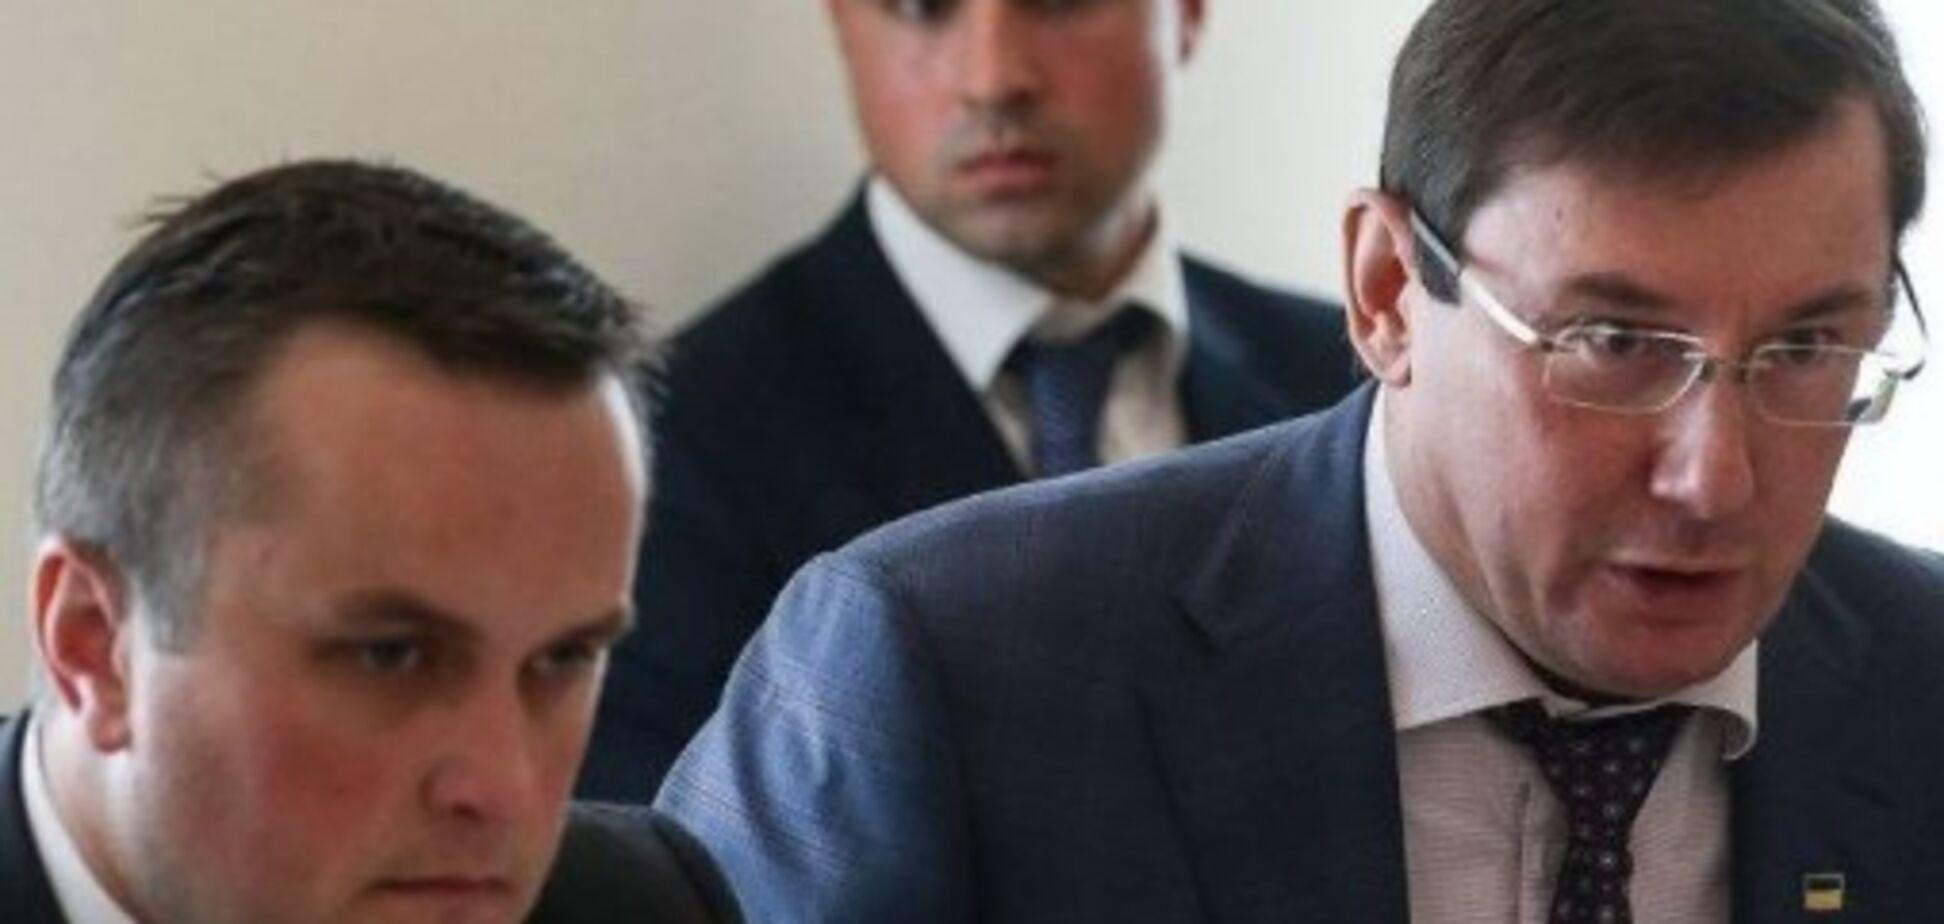 Холодницького прослуховували: Луценко підтвердив інформацію ЗМІ